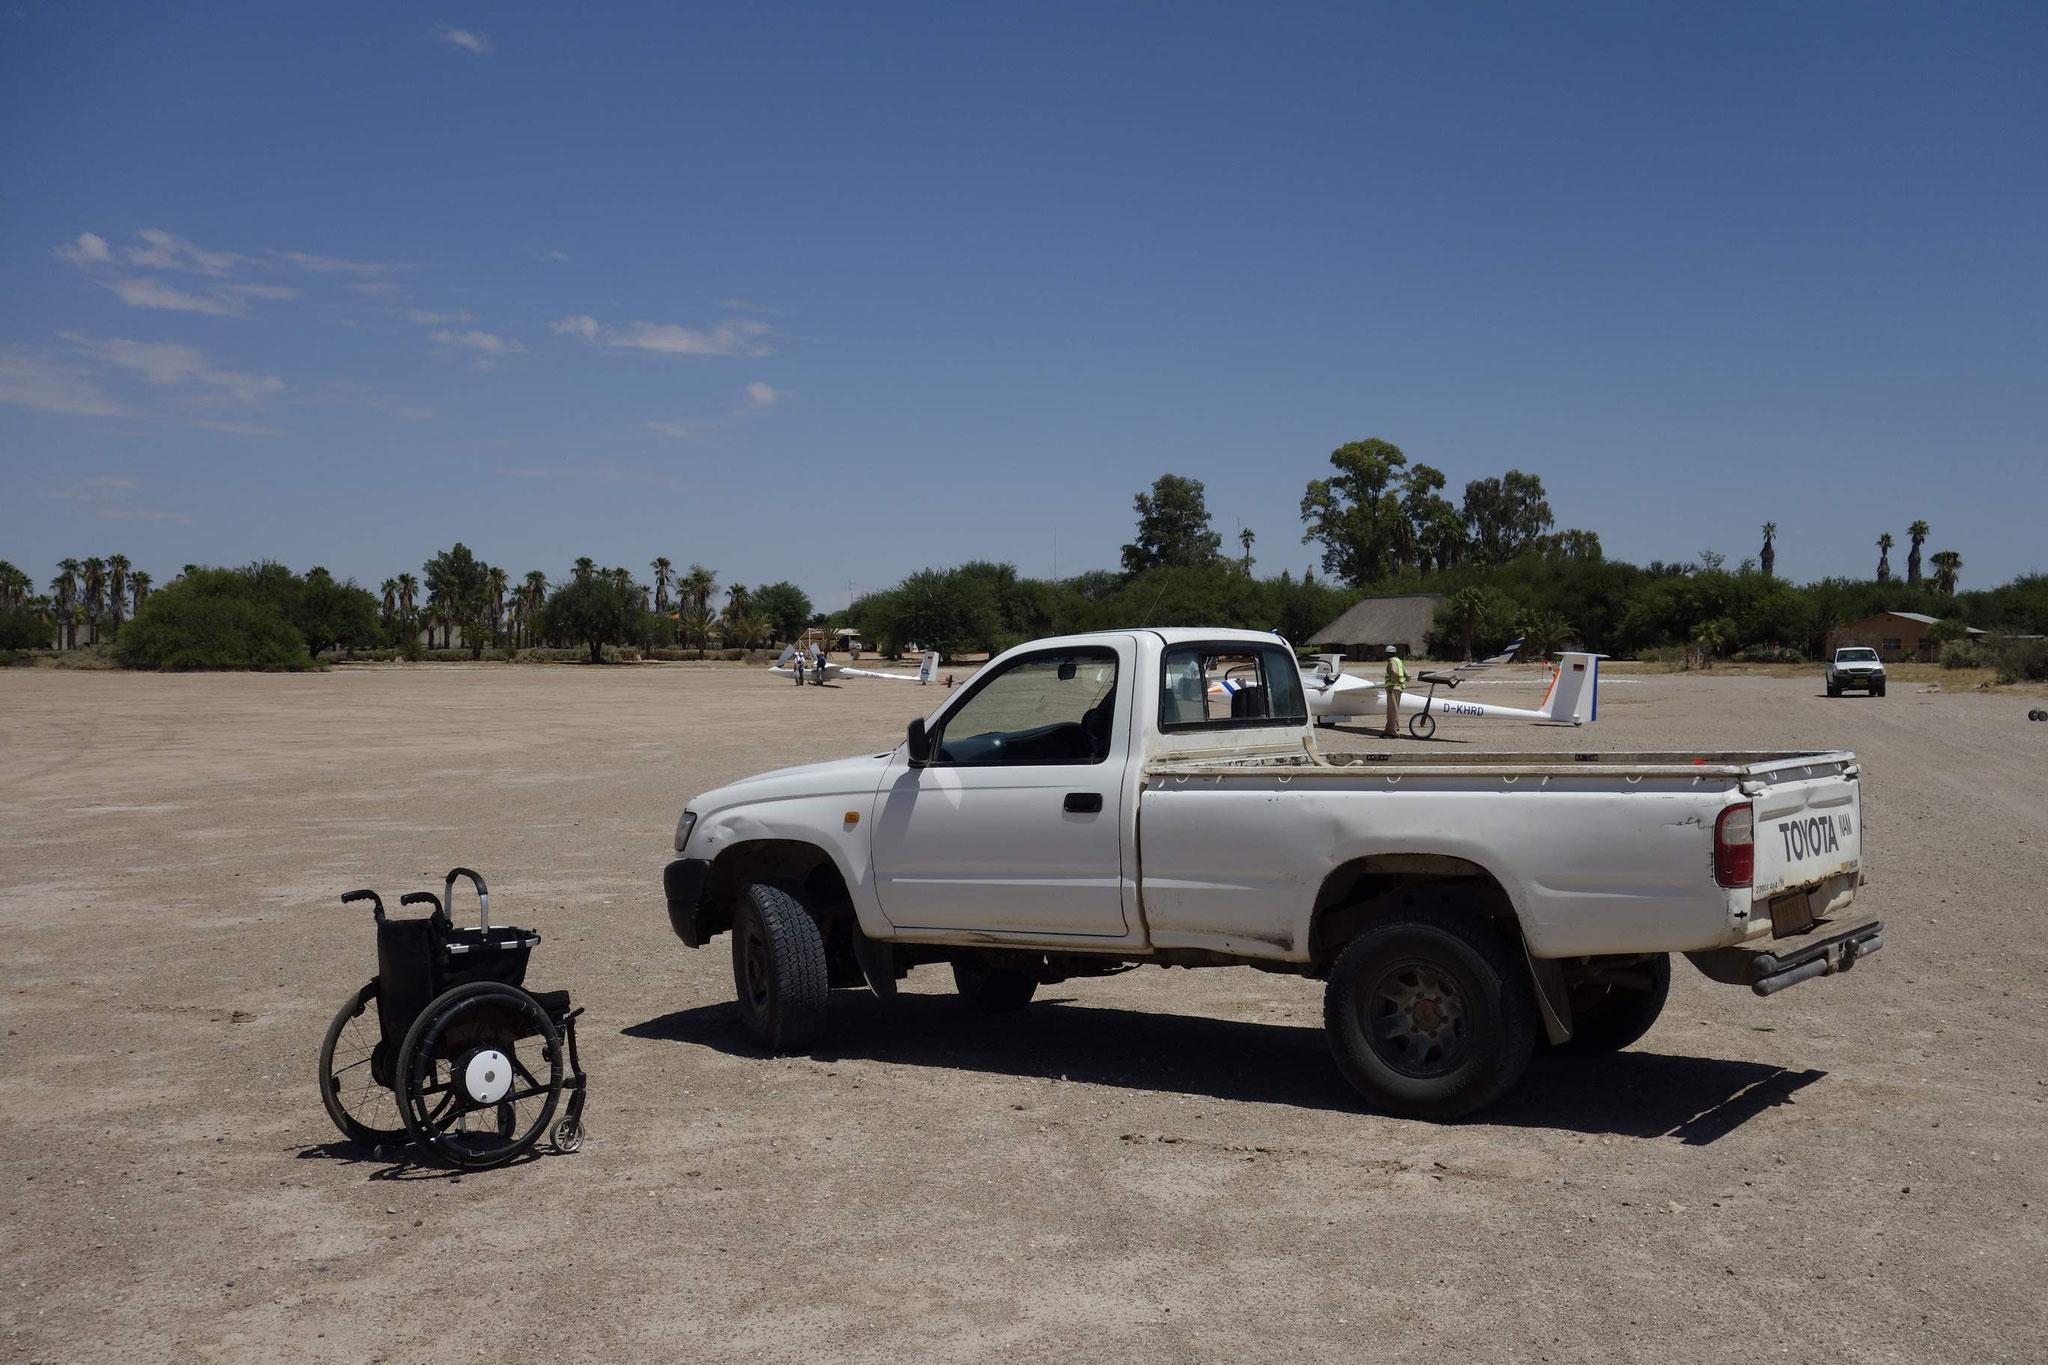 Es geht auch mit Handicap. Arcus M modifiziert auf Handsteuerung. Super!!